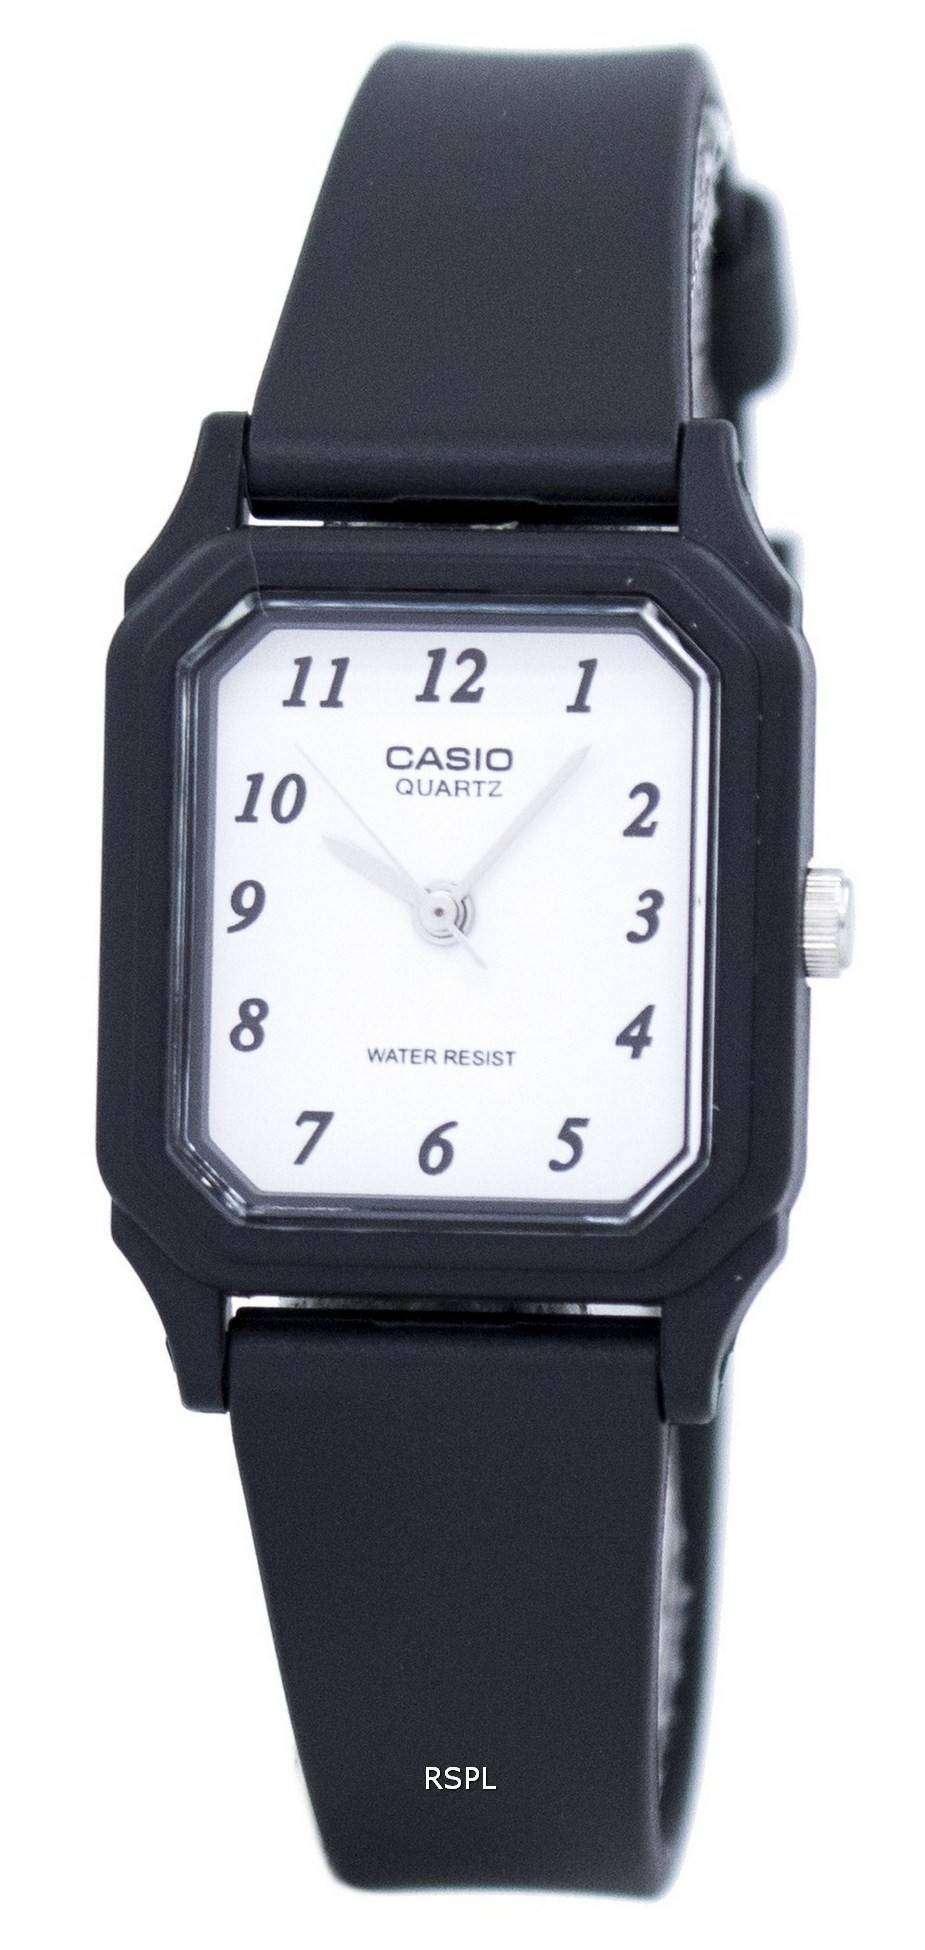 e75826fe5287 Reloj Casio analógico cuarzo LQ-142-7B LQ142-7B Femenil - citywatches.es